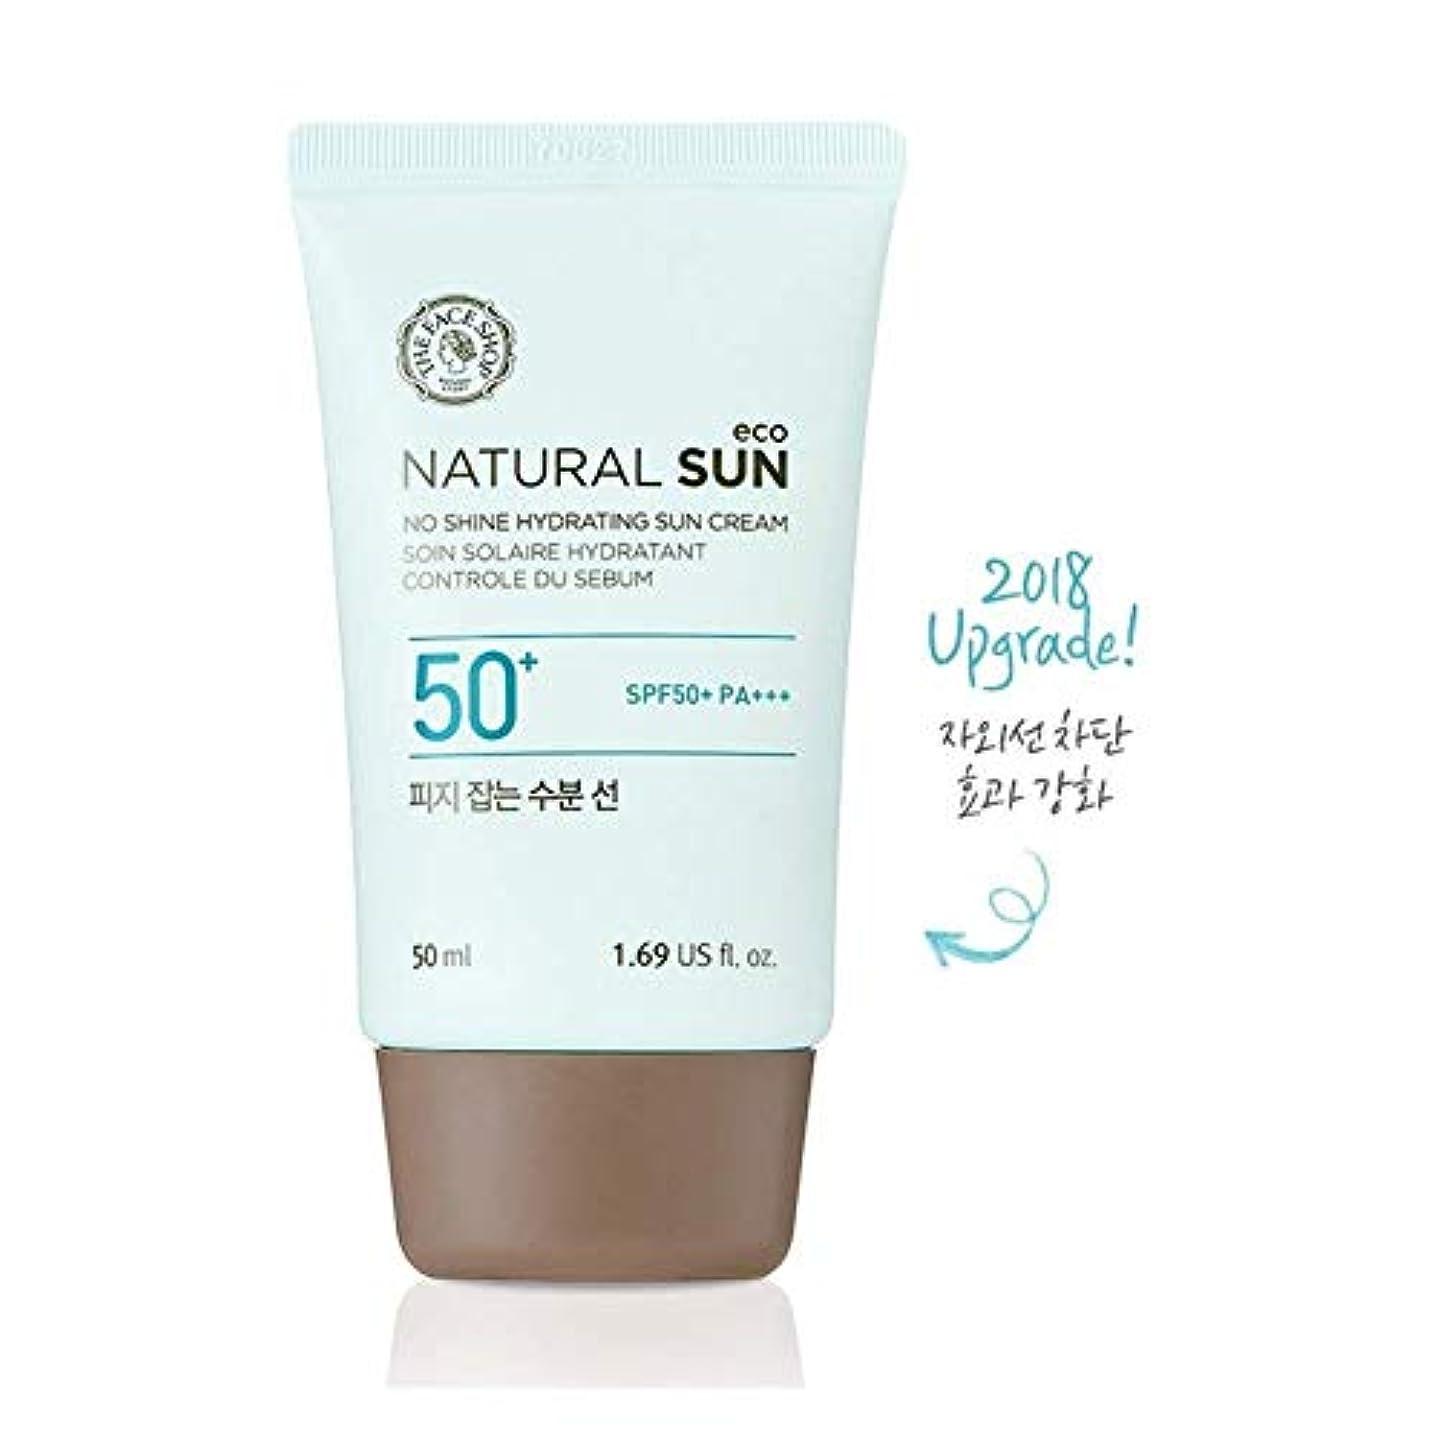 ザ?フェイスショップ ネチュロルソンエコフィジーサン?クリーム SPF50+PA+++50ml 韓国コスメ、The Face Shop Natural Sun Eco No Shine Hydrating Sun Cream...